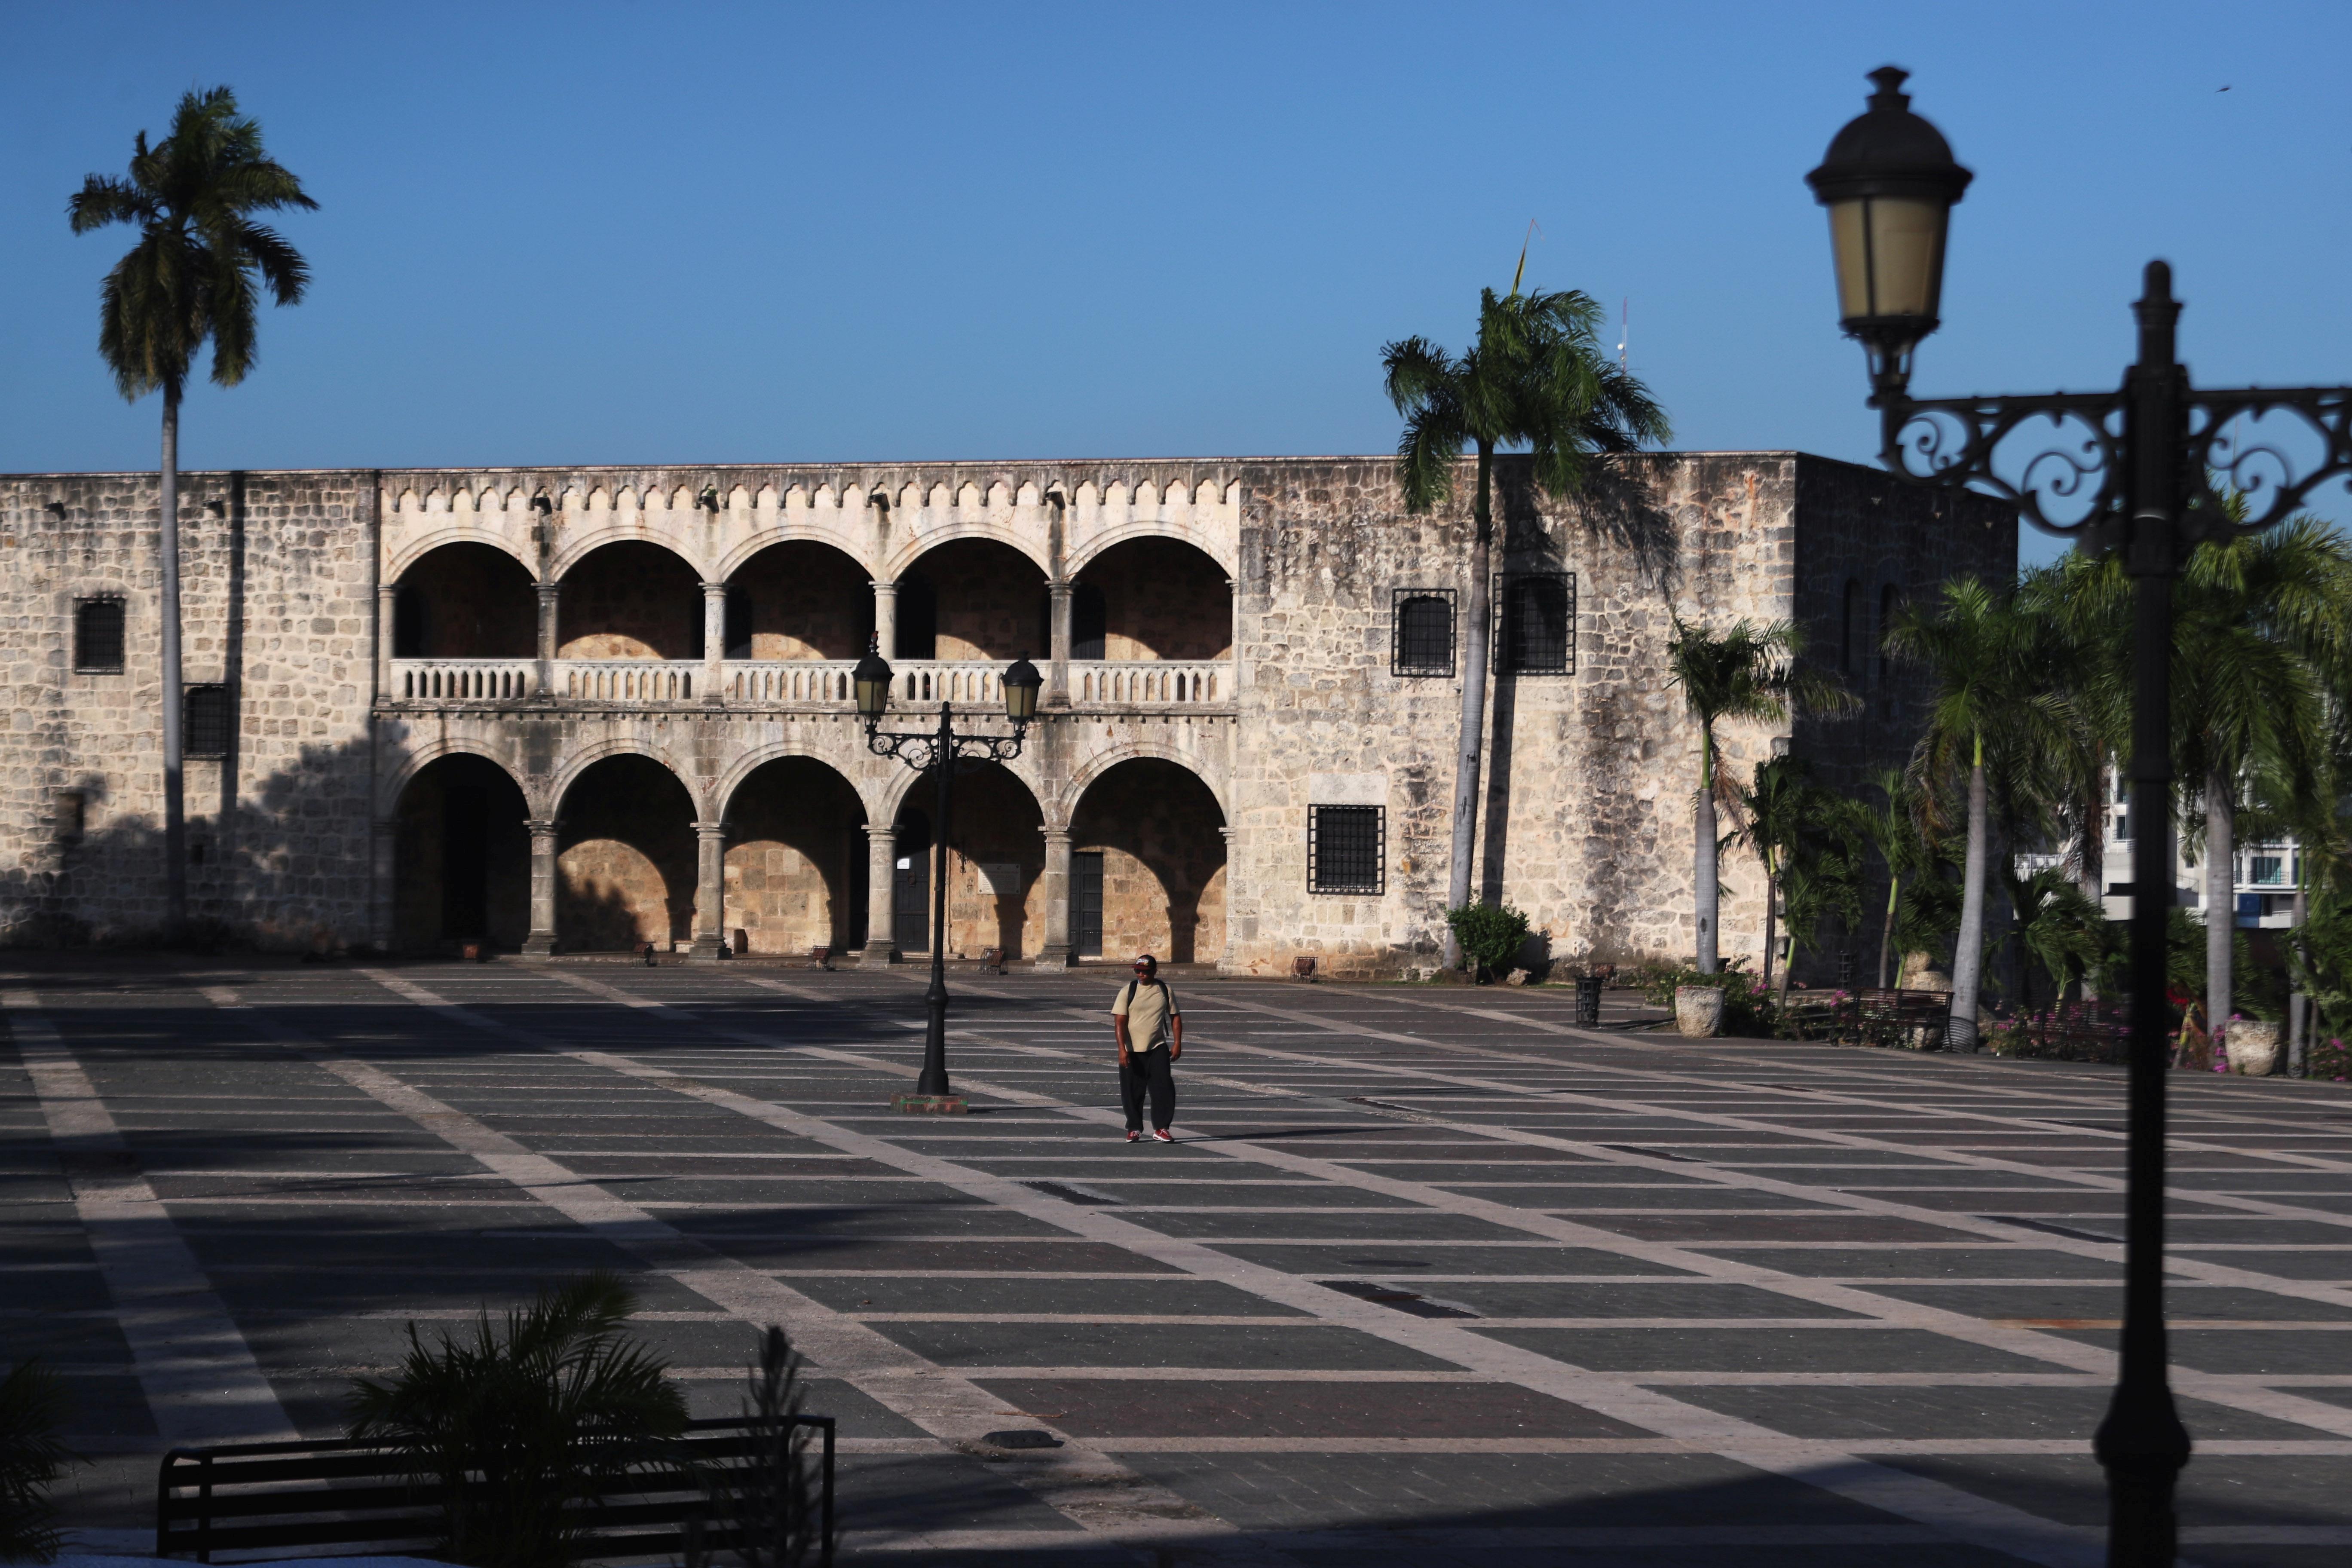 Доминикана откроет границы для туристов всех стран без проверок на коронавирус